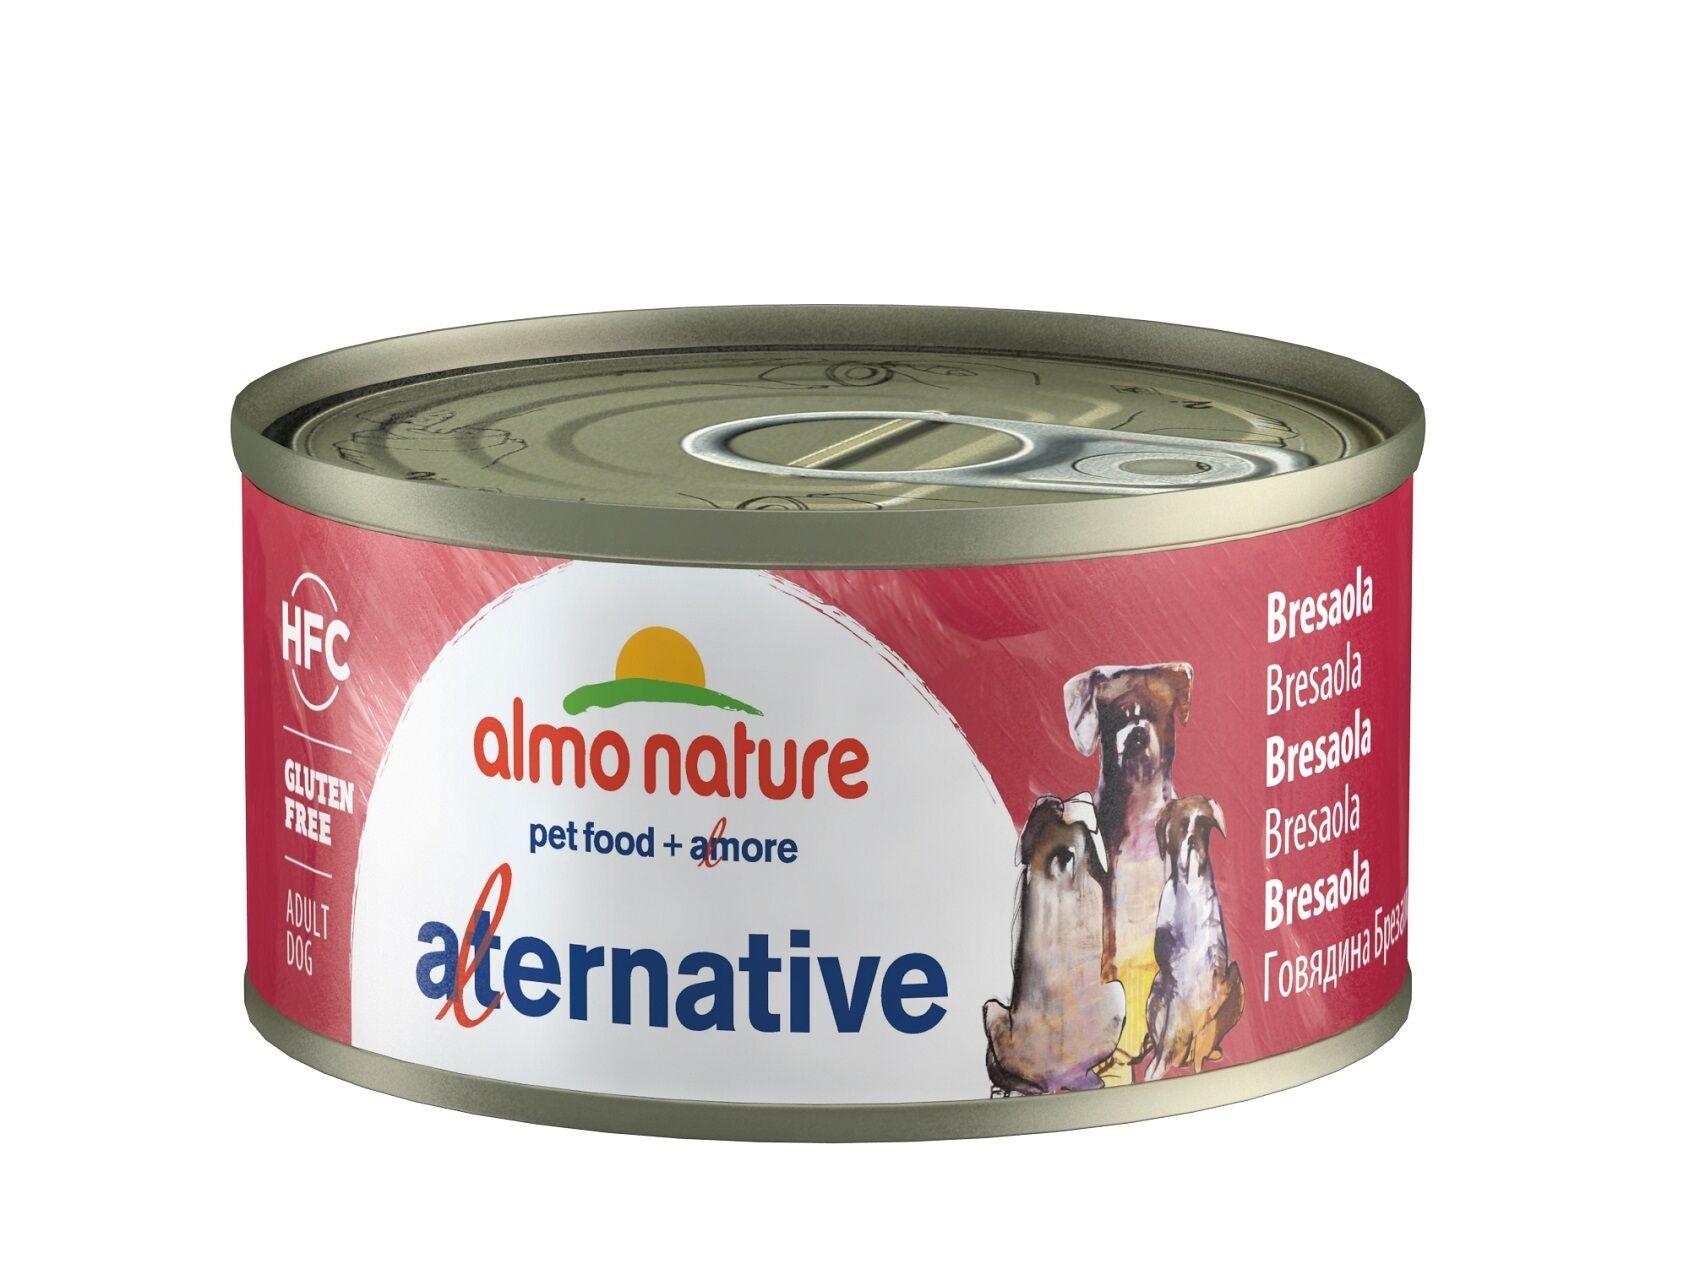 Almo Nature Chien Alternative Bresaola - Boîte